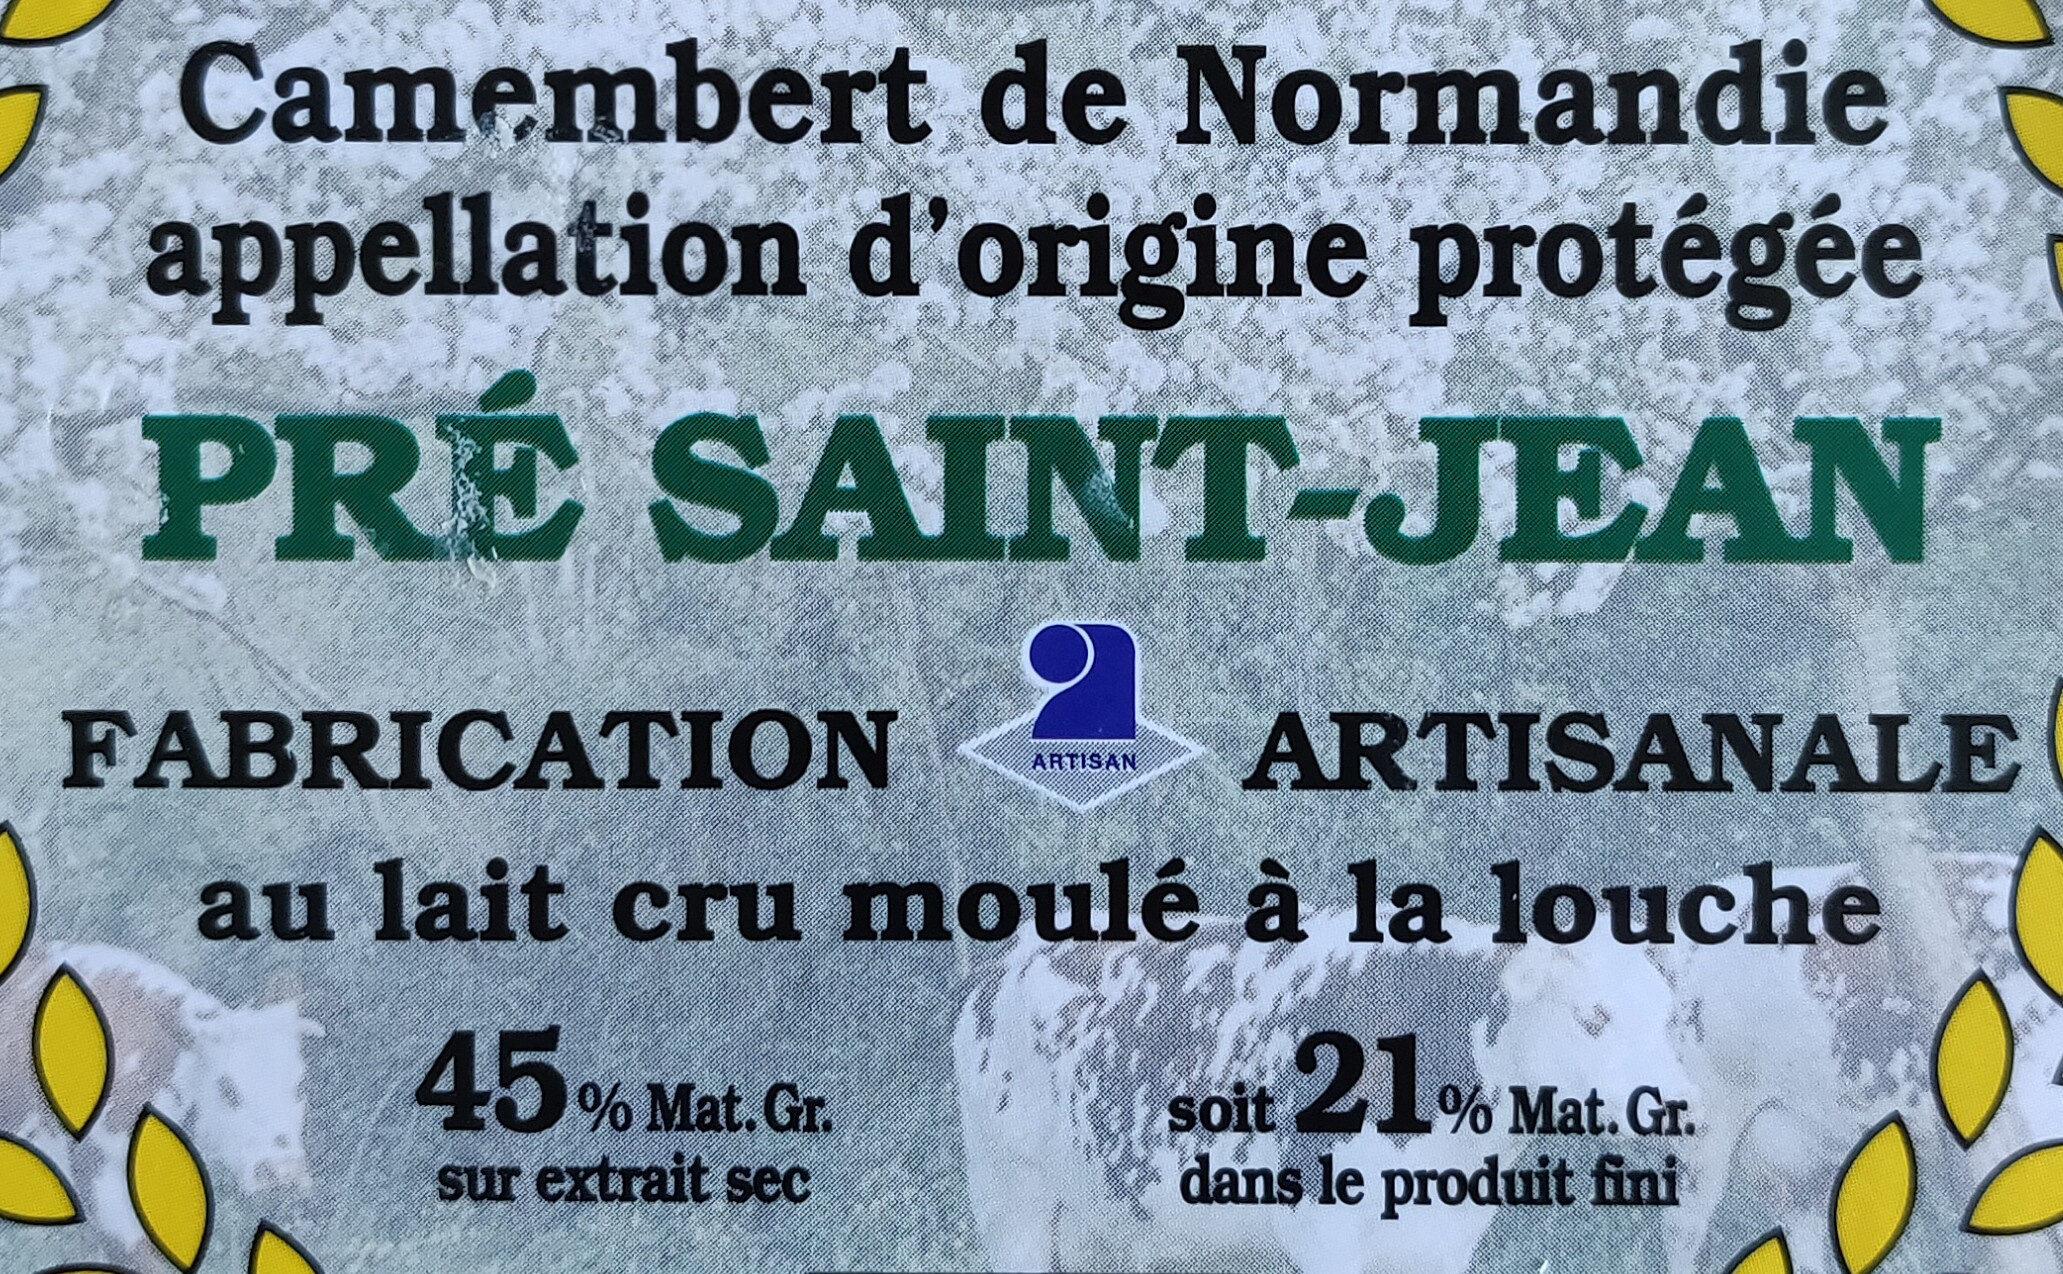 Camembert de Normandie Pré Saint-Jean - Ingredients - fr